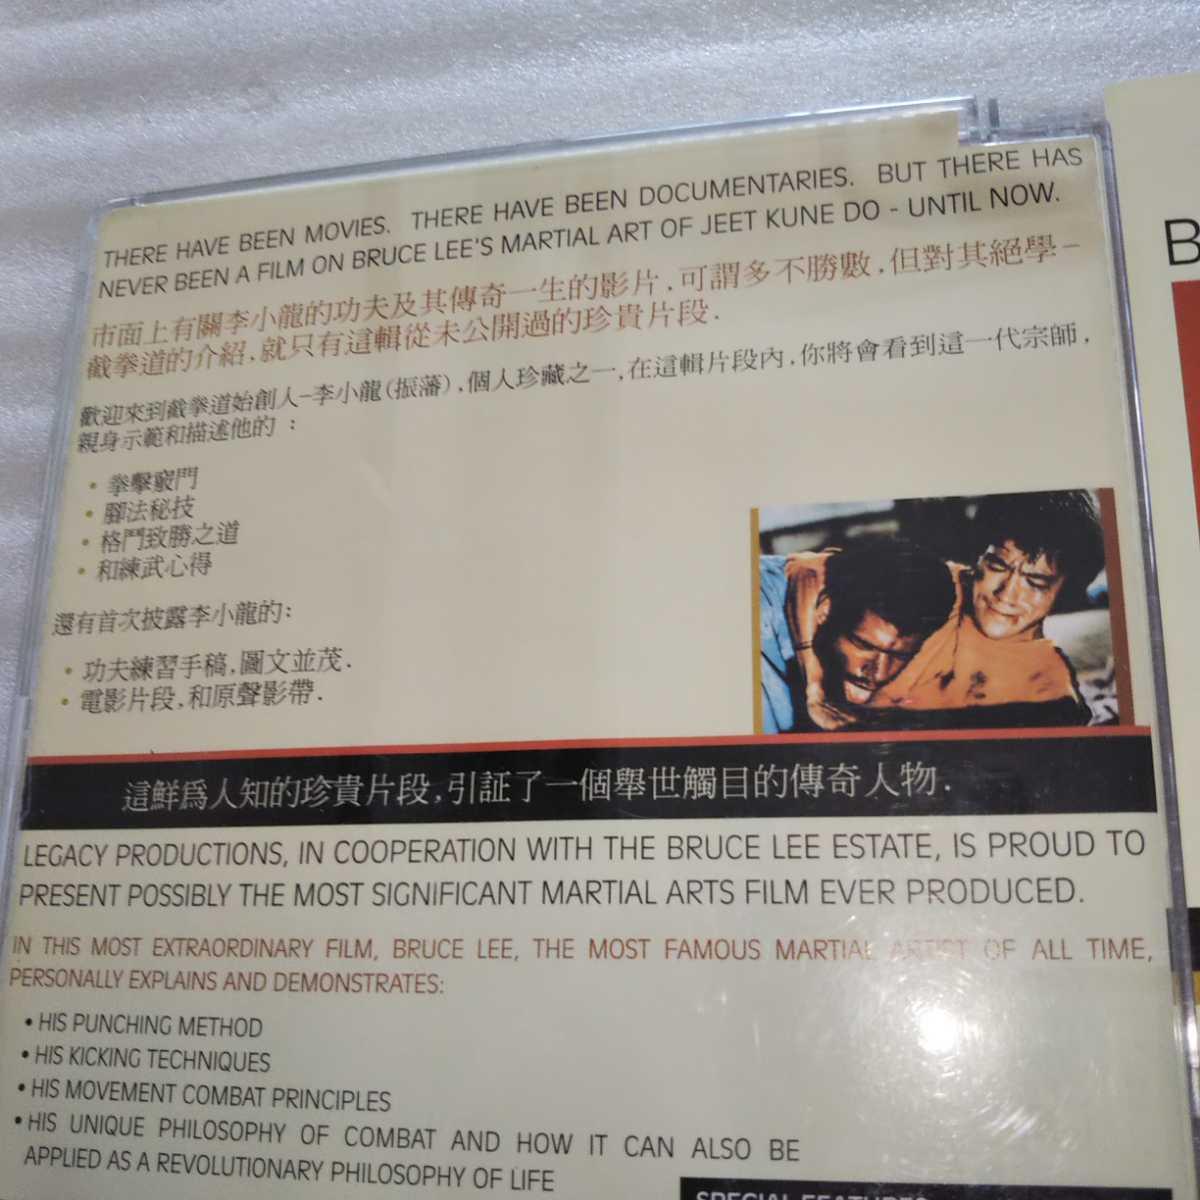 ブルース・リー BRUCE LEE'S JEET KUNE DO 香港盤DVD ジークンドー 李小龍之截拳道 ブランドン・リー ダン・イノサント カンフー ケース難_画像8